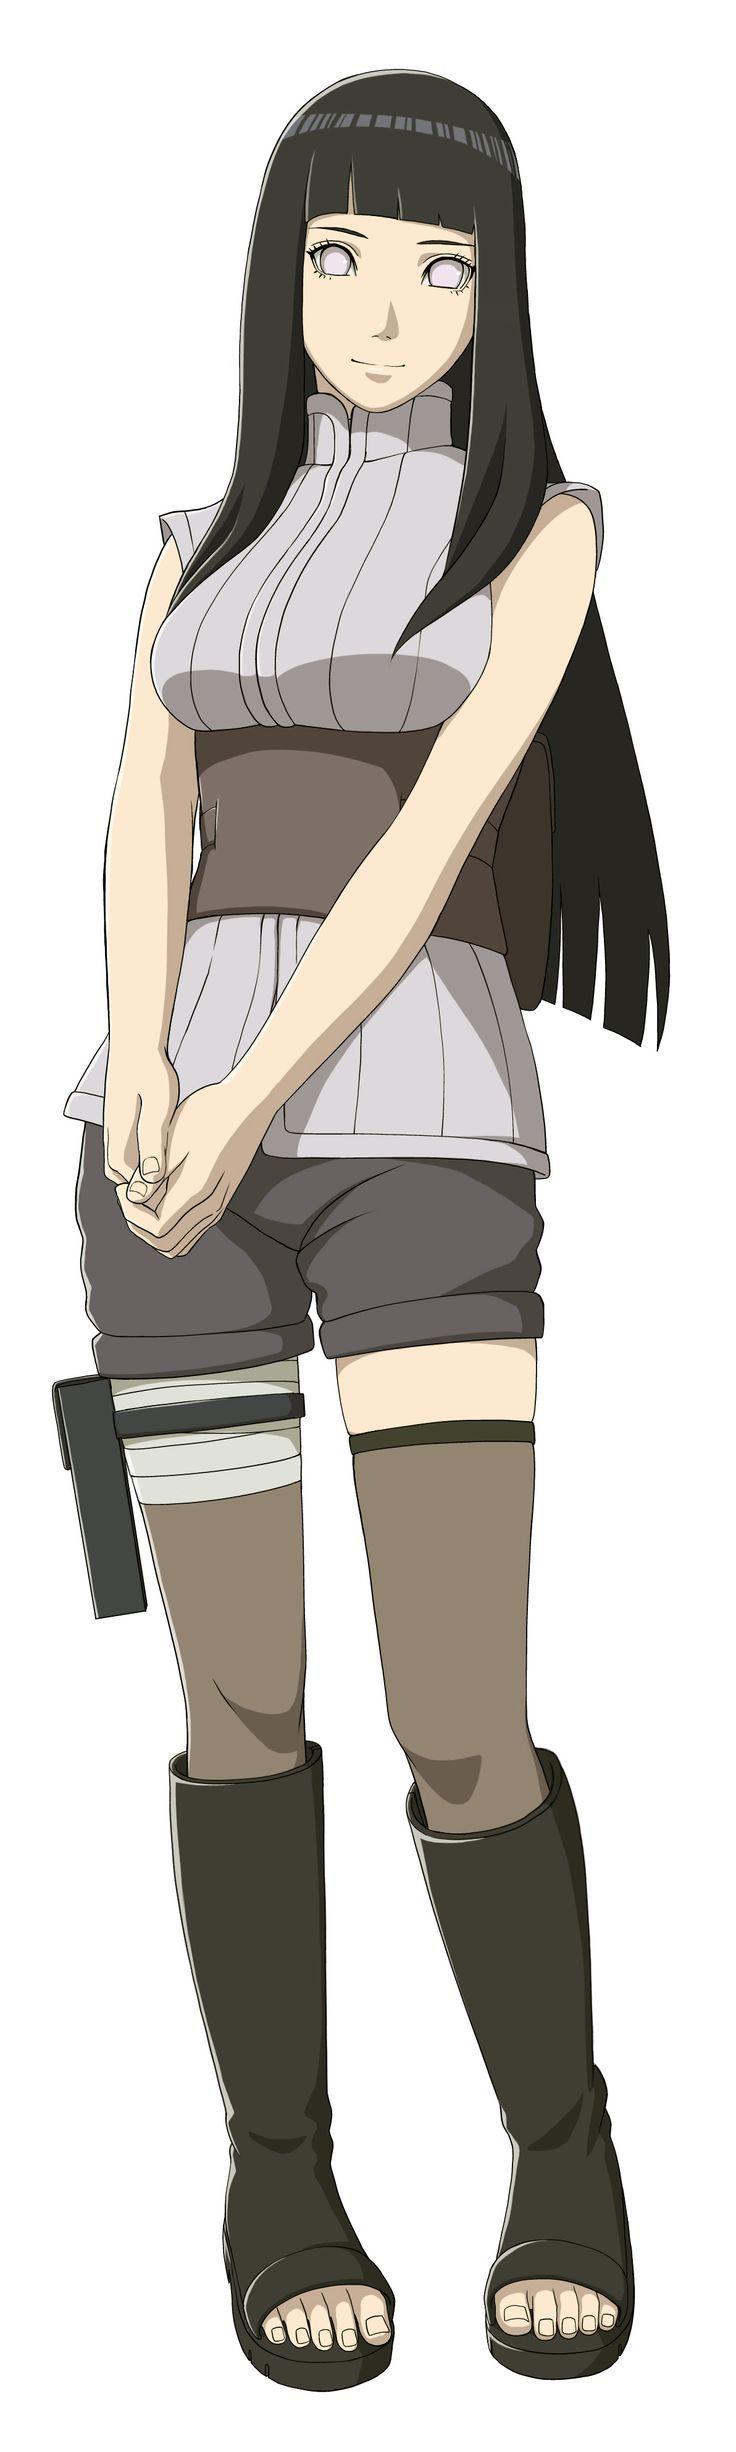 Tanto en el manga como en el anime, Hinata es una kunoichi de la Aldea Oculta de Konoha y forma parte del «Equipo 8», compuesto por Kiba Inuzuka, Shino Aburame y su líder y sensei, Kurenai Yūhi. Al final de la historia se convierte en la esposa de Naruto Uzumaki, siendo ahora Hinata Uzumaki, teniendo a sus hijos, Bolt Uzumaki y Himawari Uzumaki